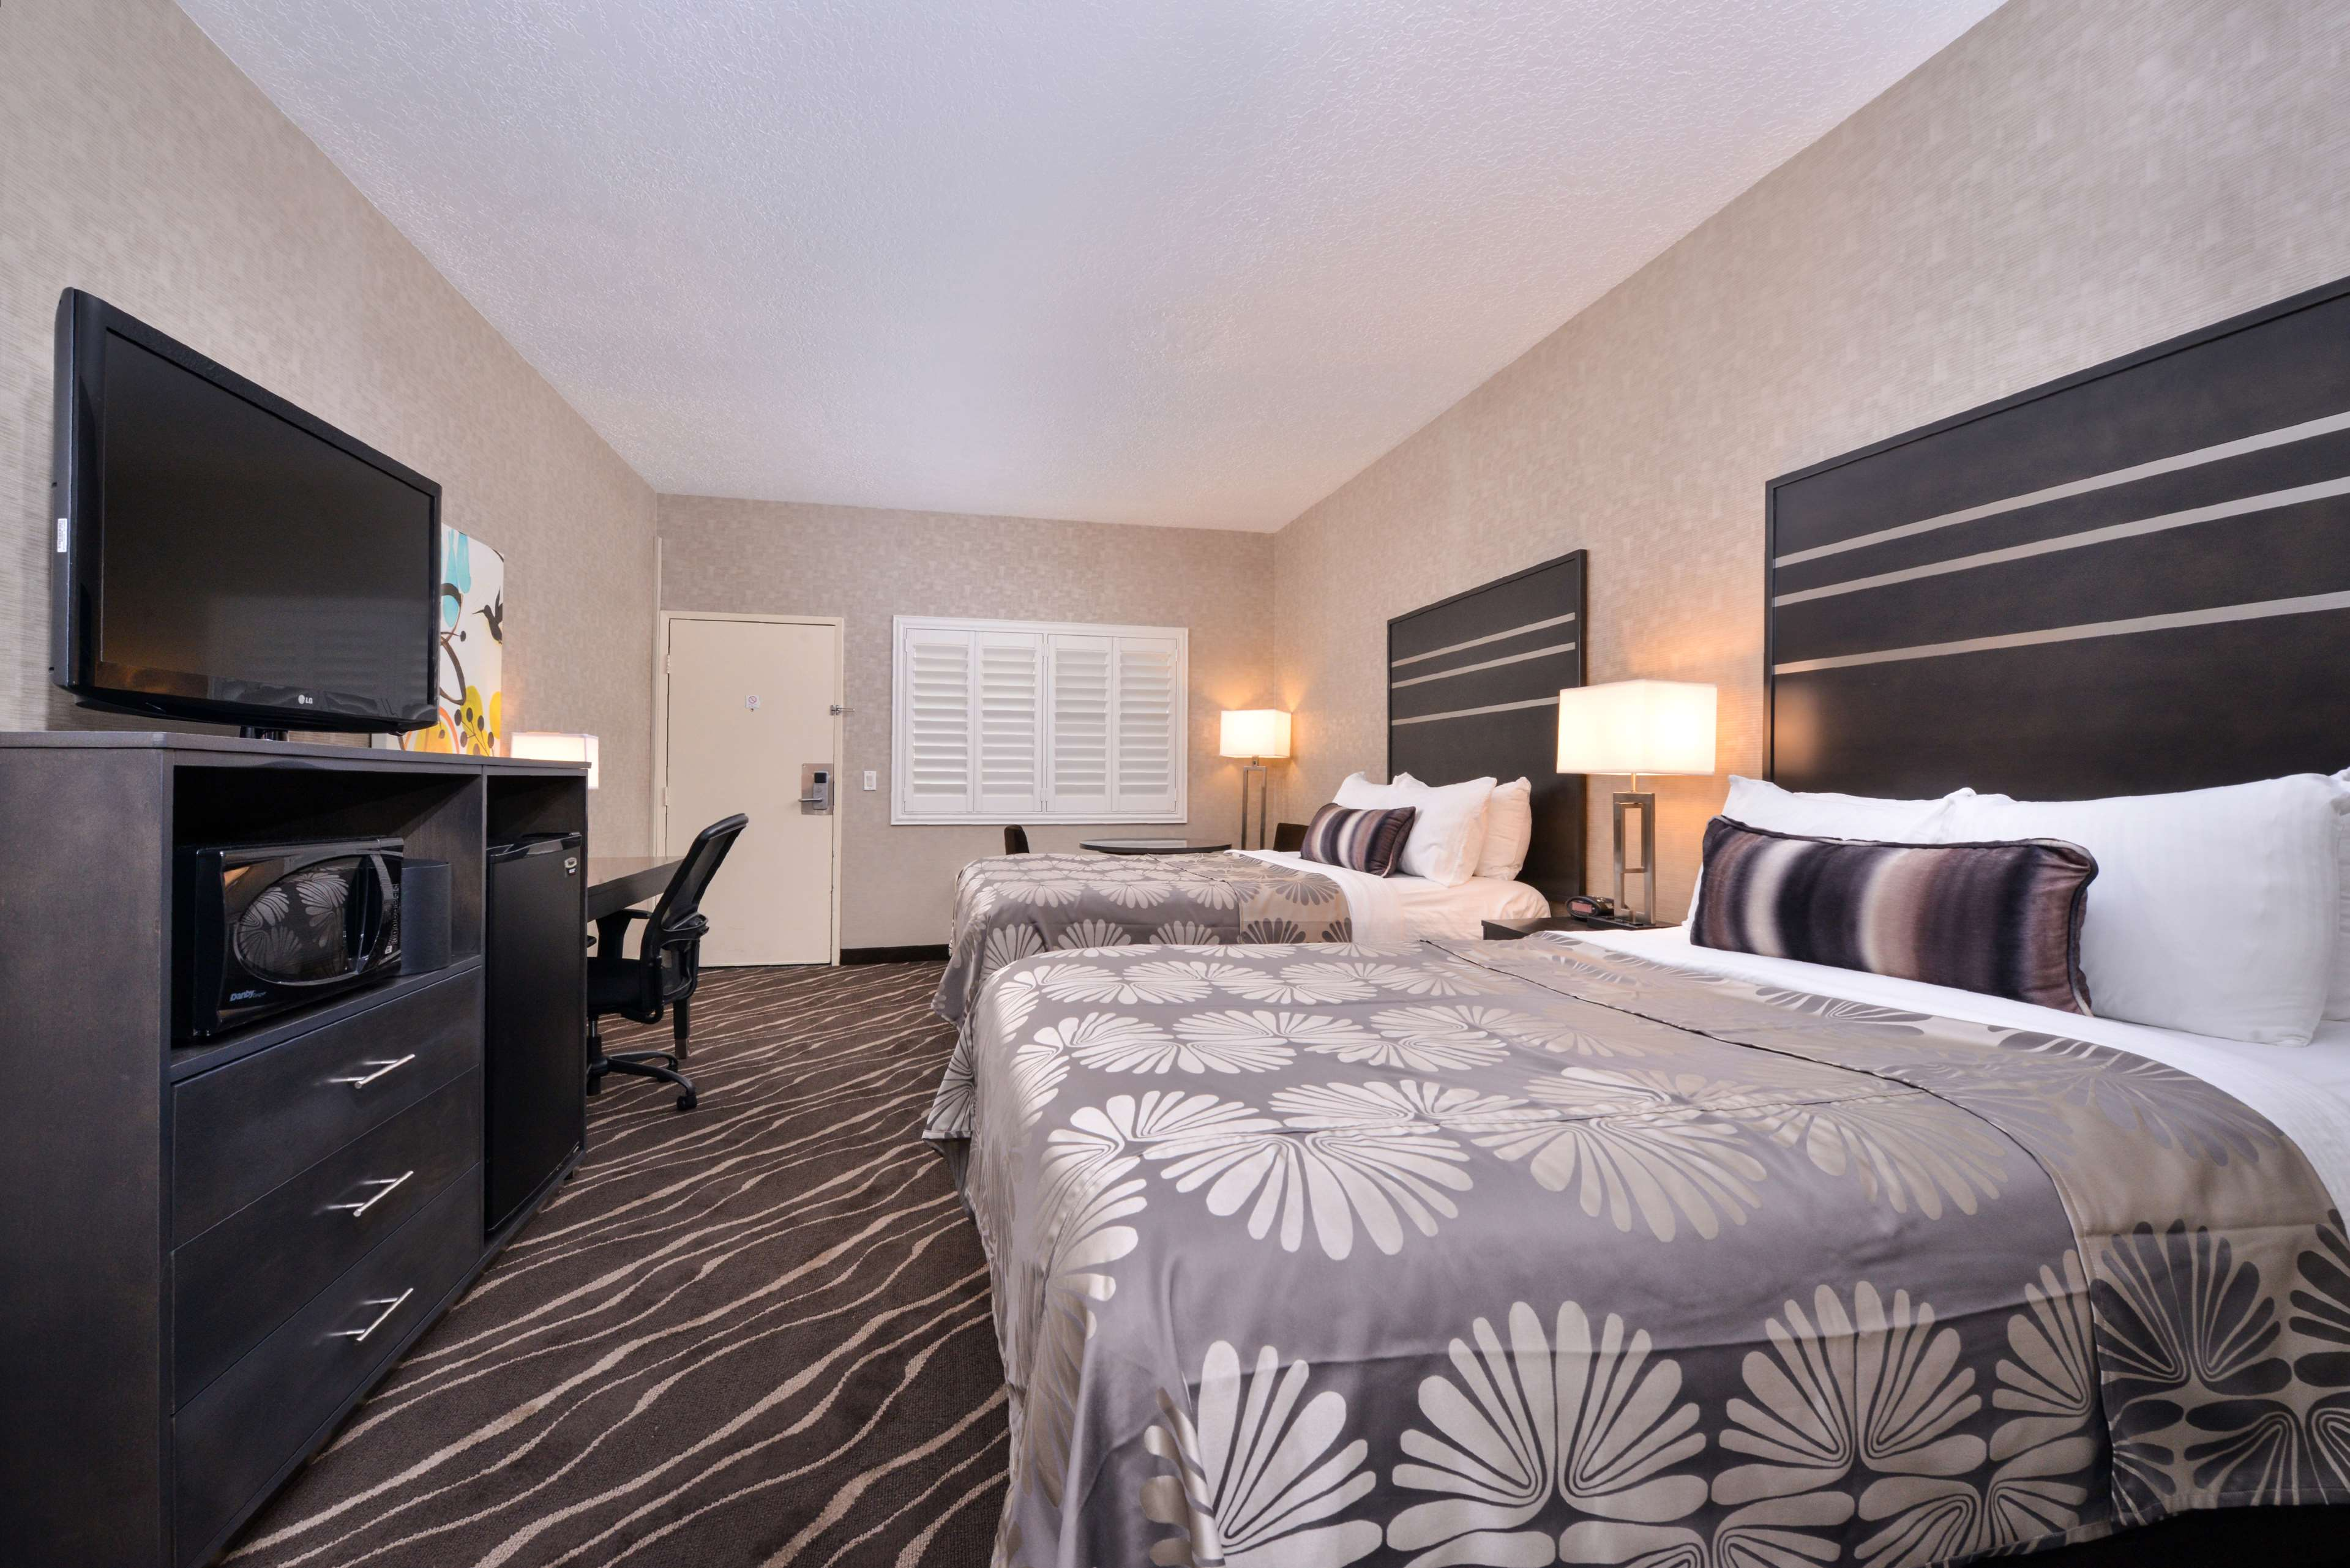 Best Western Plus Park Place Inn - Mini Suites image 22